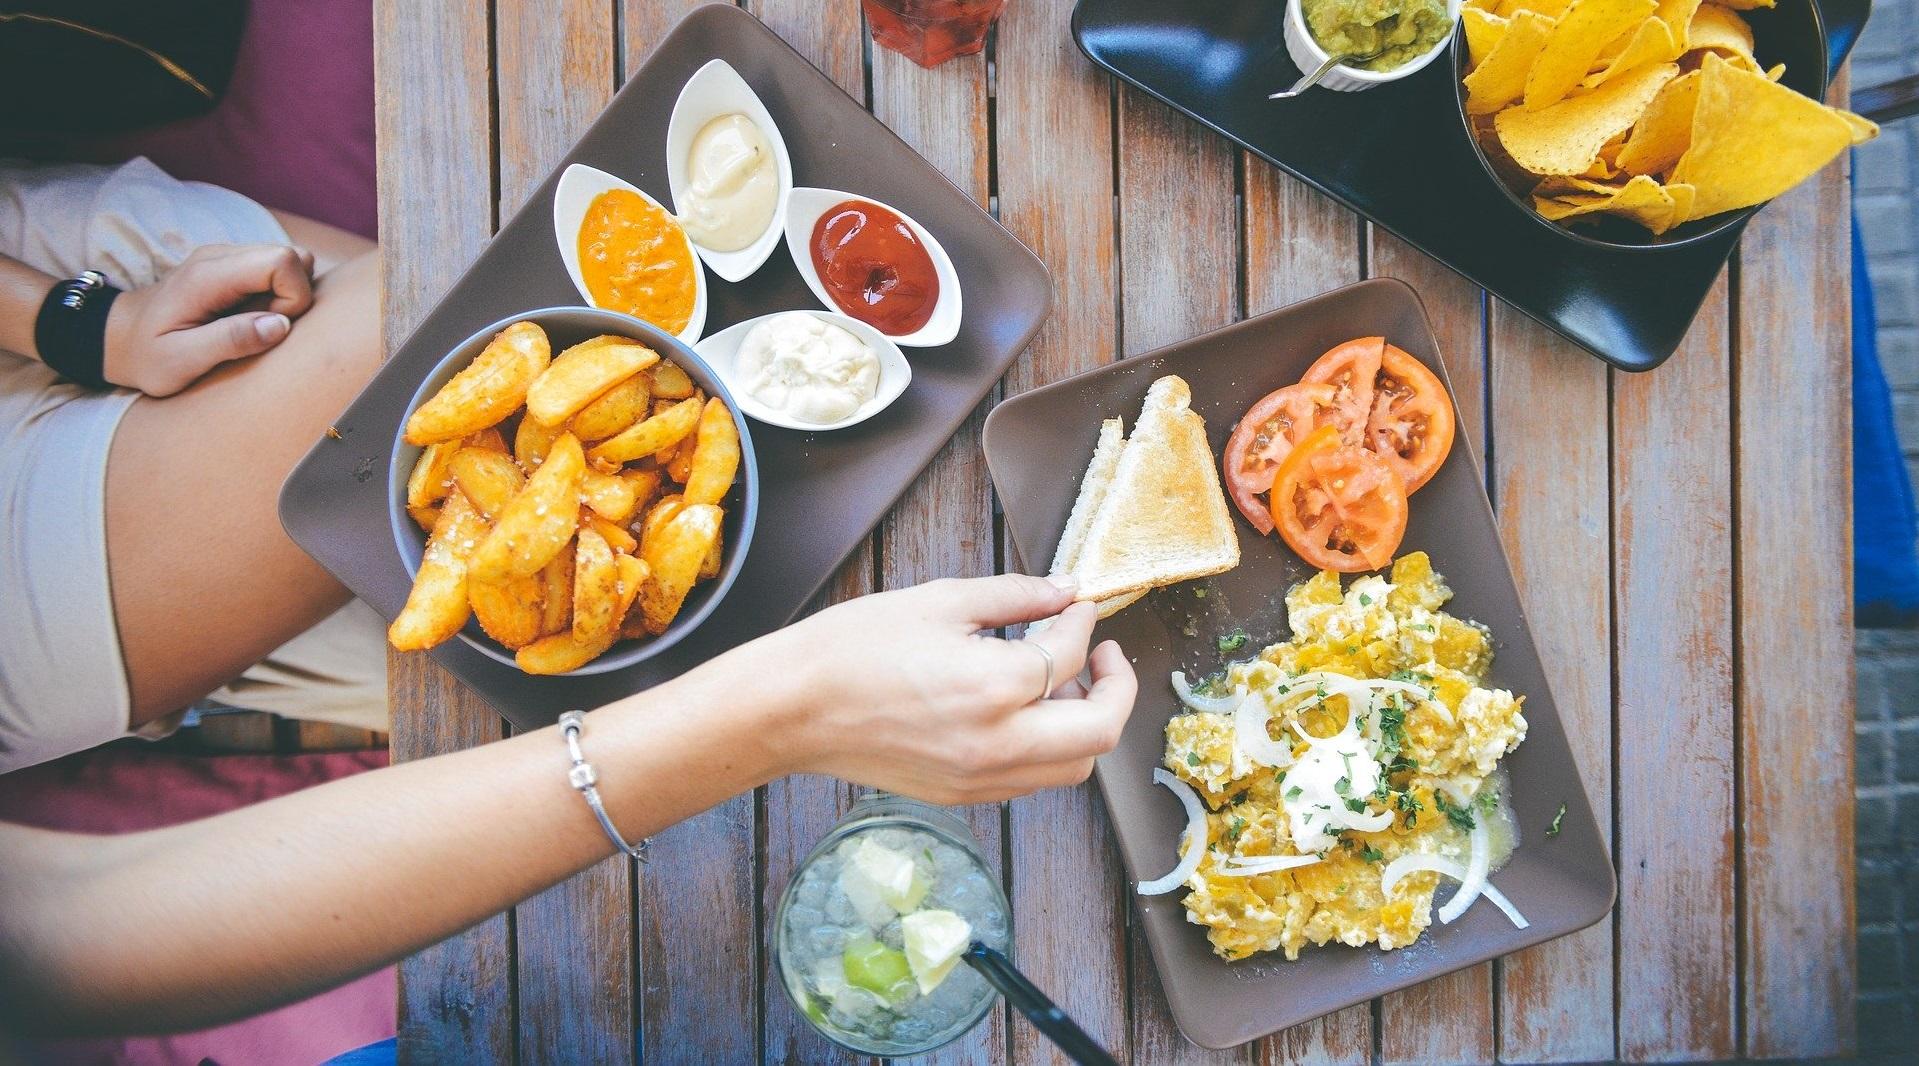 Trendi: Prehranjevalne navade pomembne za bolezni srca in ožilja